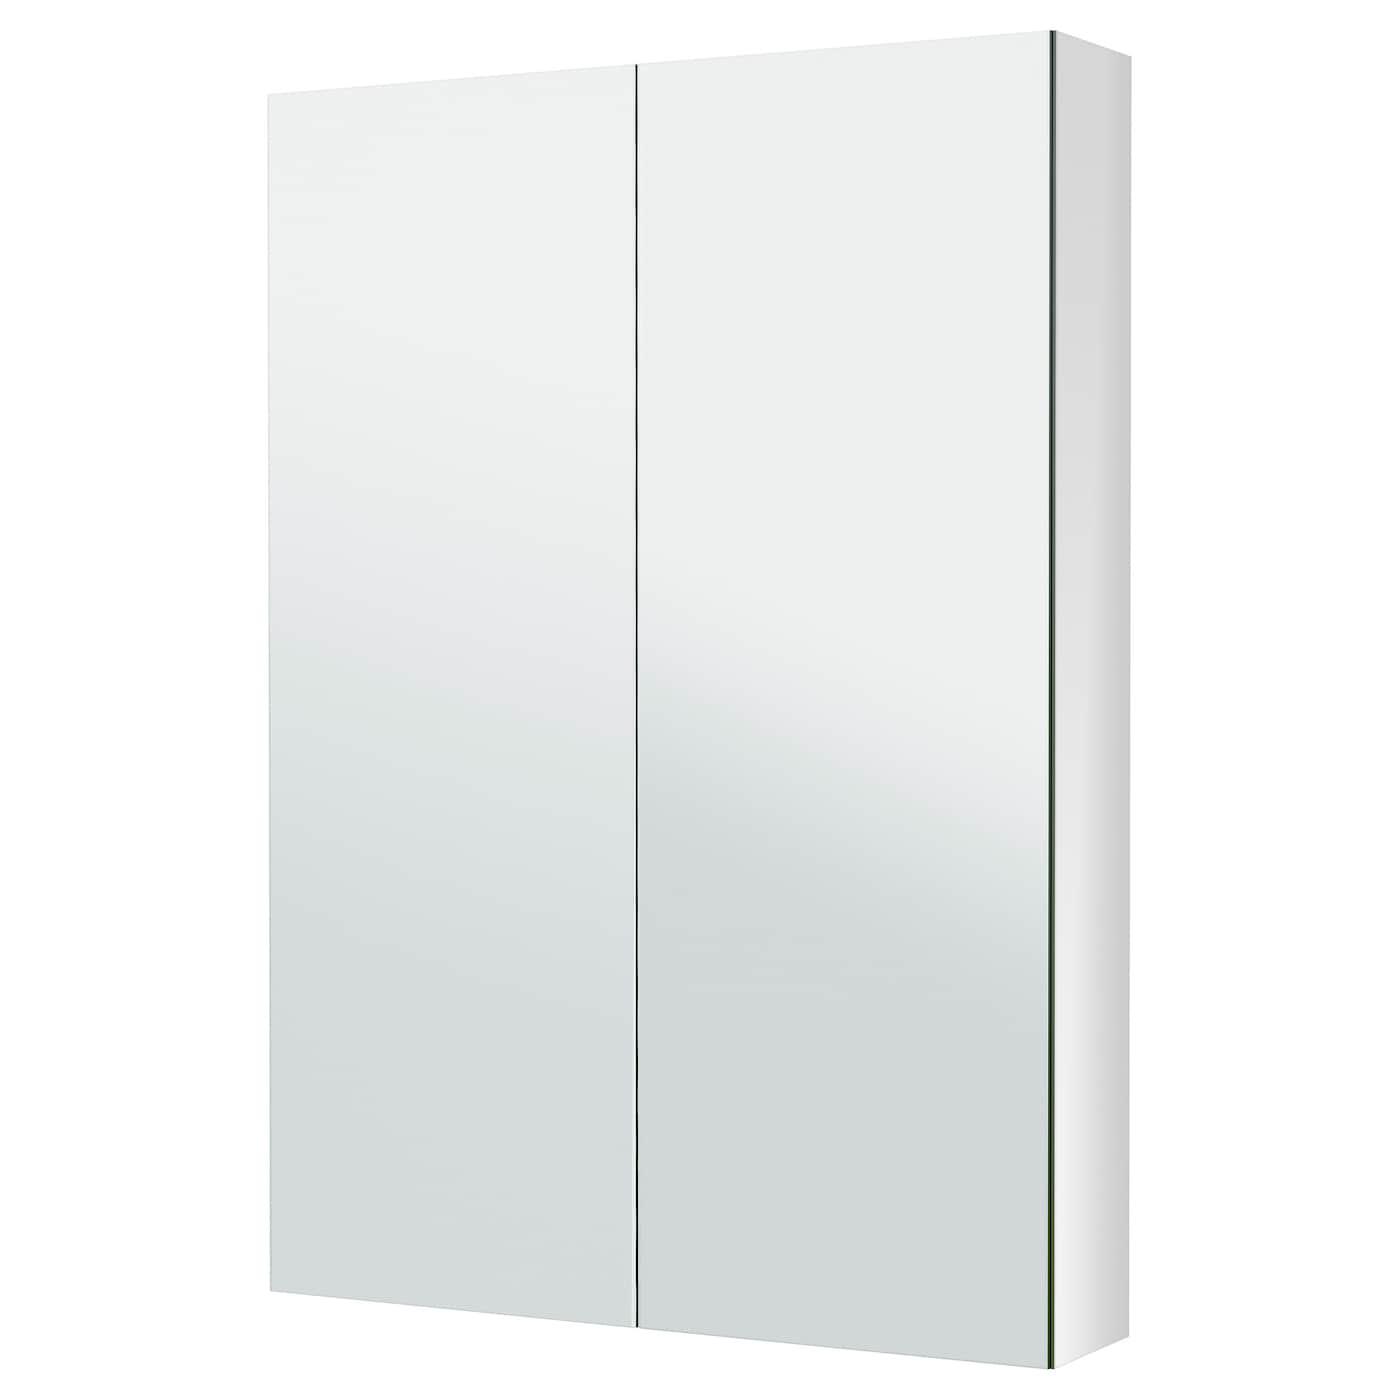 GODMORGON Spiegelkast met 2 deuren 80x14x96 cm - IKEA